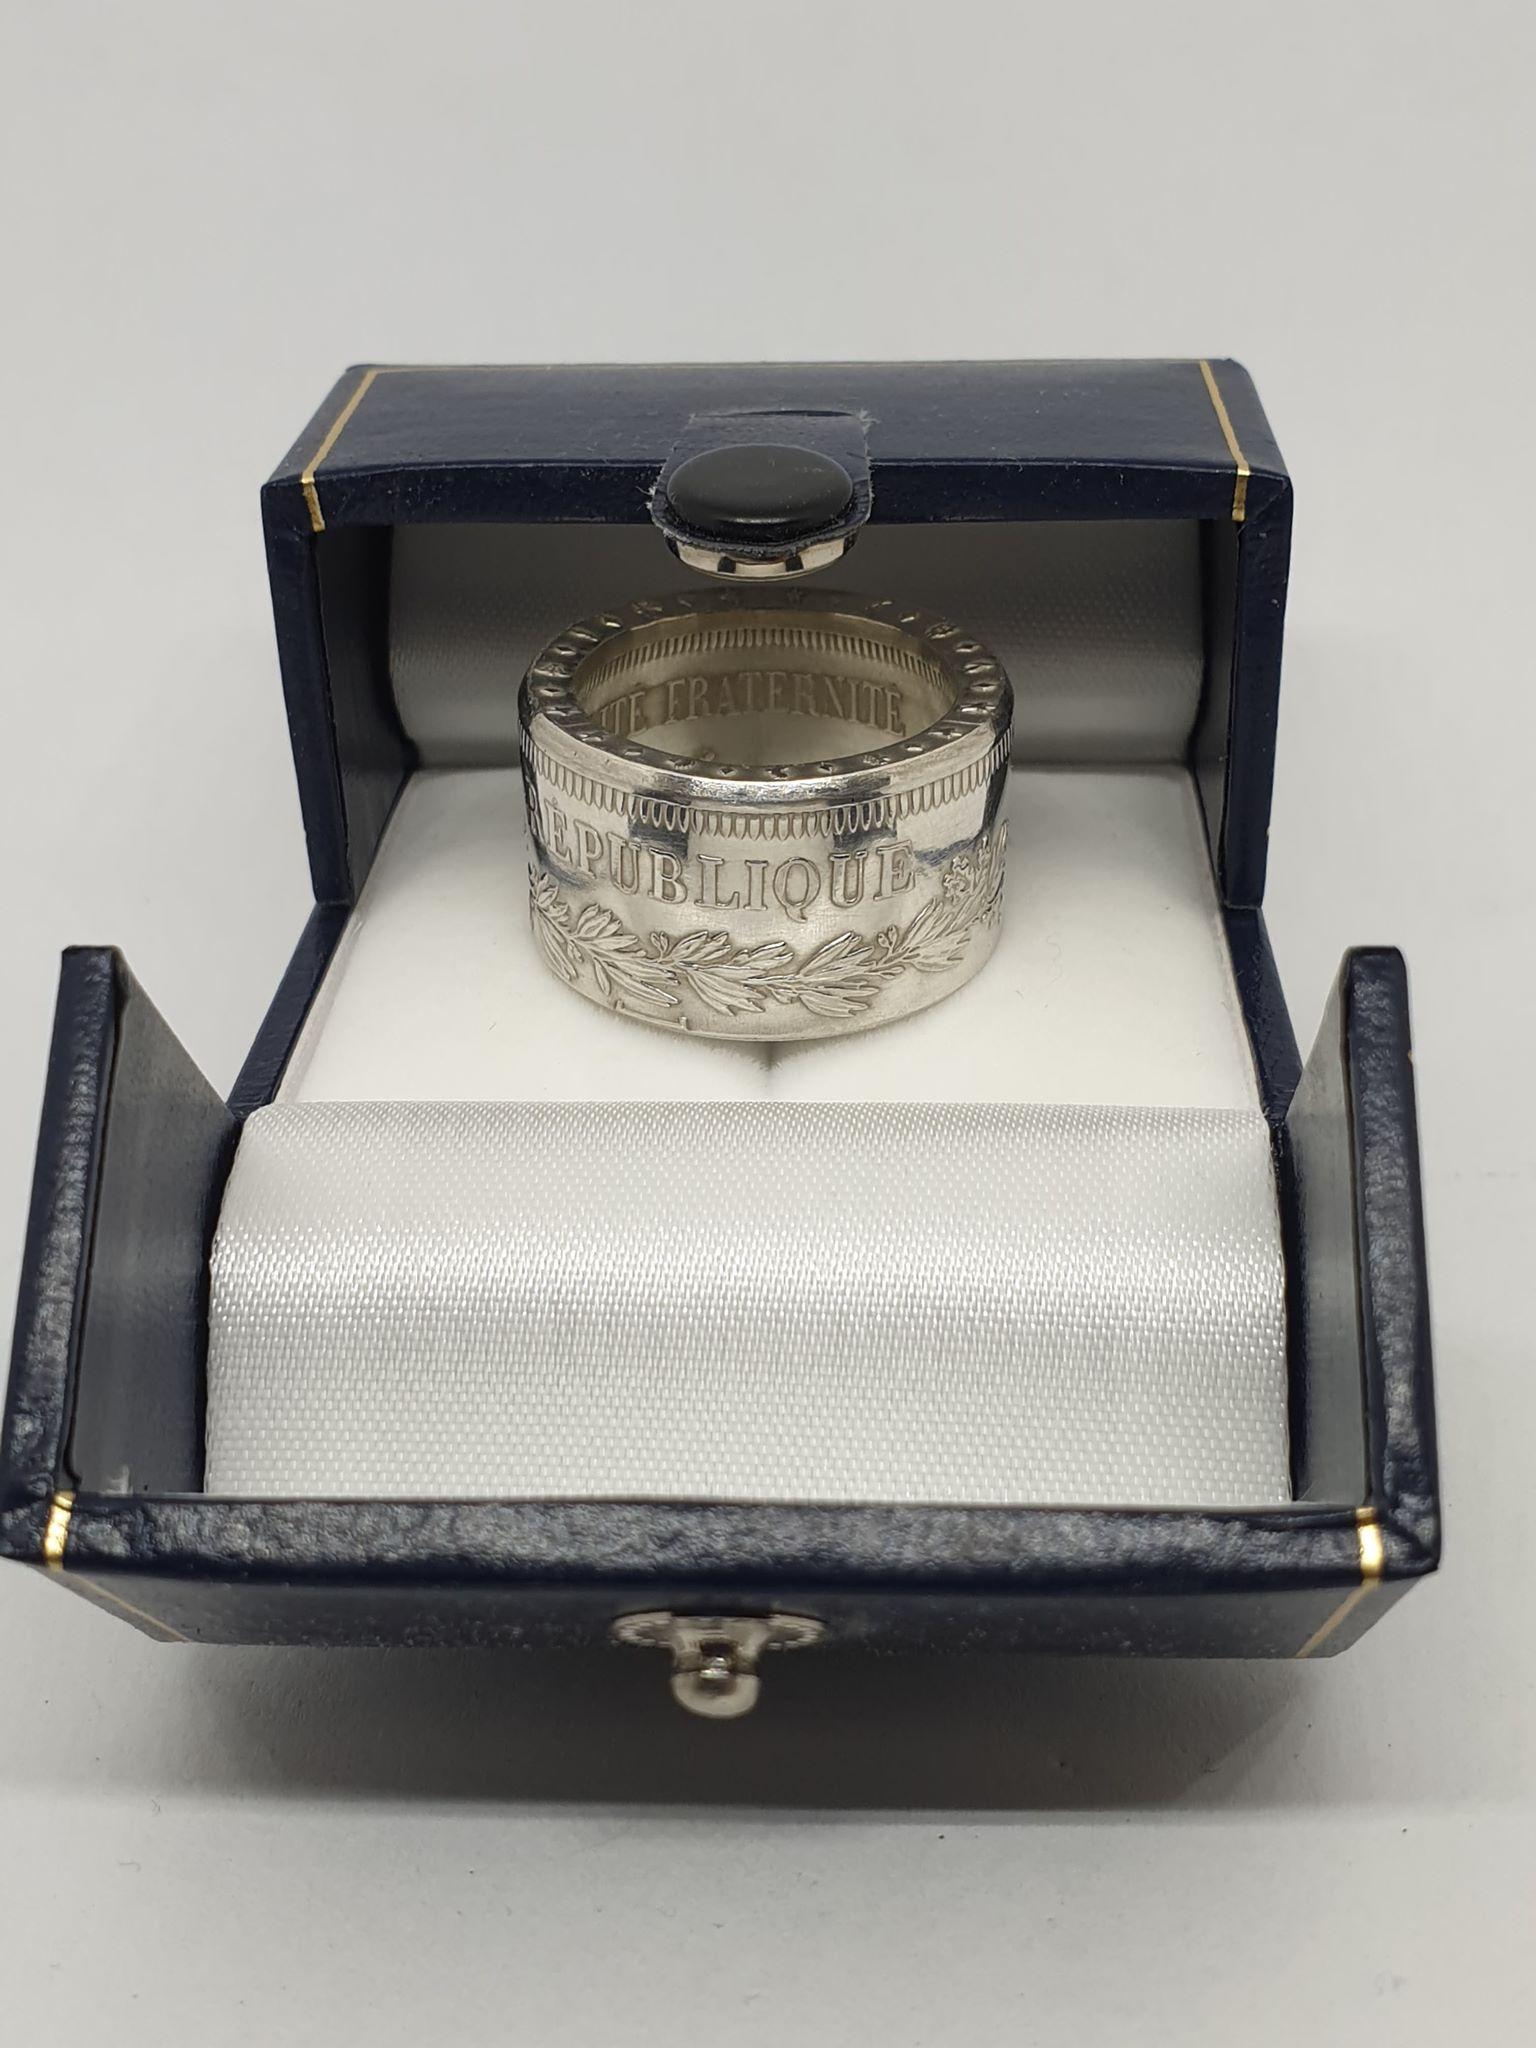 Anneau coin ring profile droit 50 Francs Hercule.